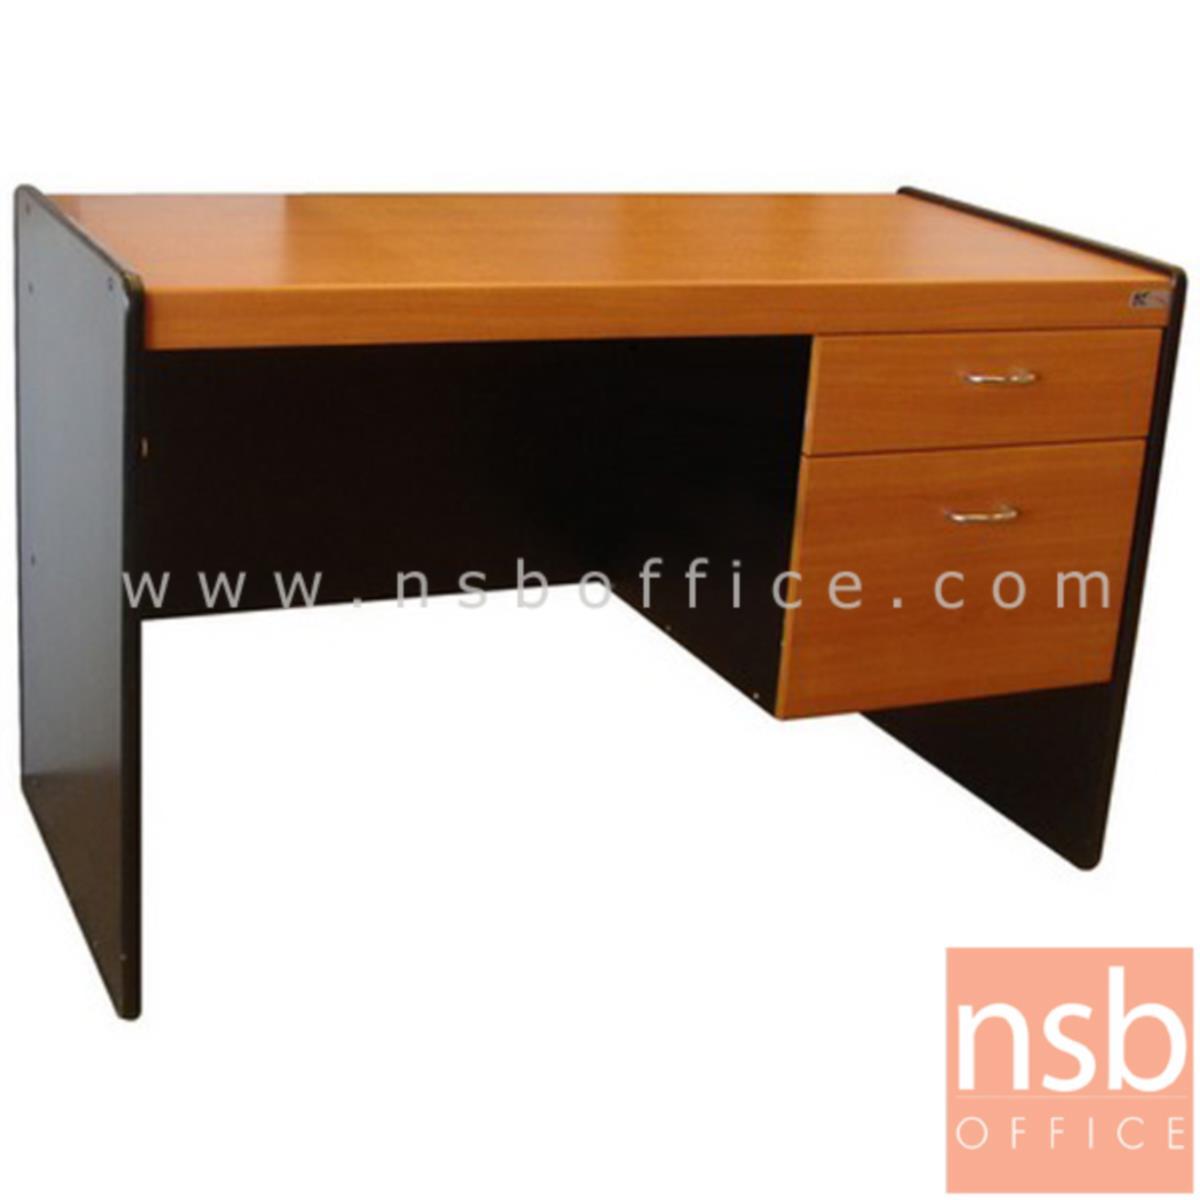 A01A010:โต๊ะทำงาน 2 ลิ้นชัก รุ่น Hum (ฮัม) ขนาด 100W ,120W cm.  พีวีซี